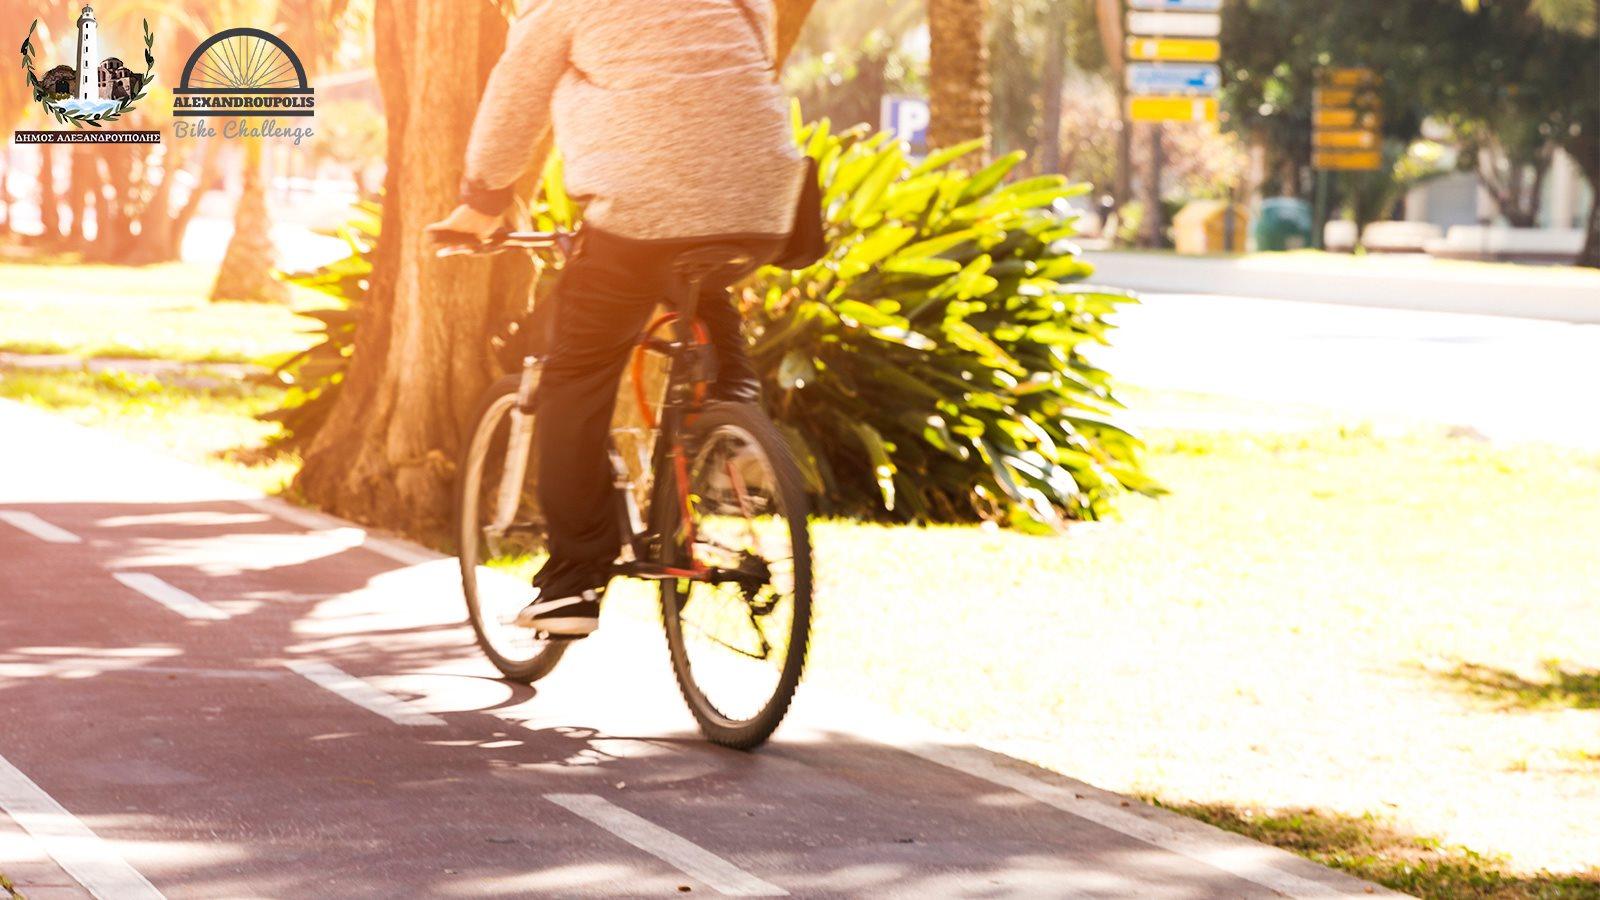 Παγκόσμια ημέρα ποδηλάτου 3 Ιουνίου 2020